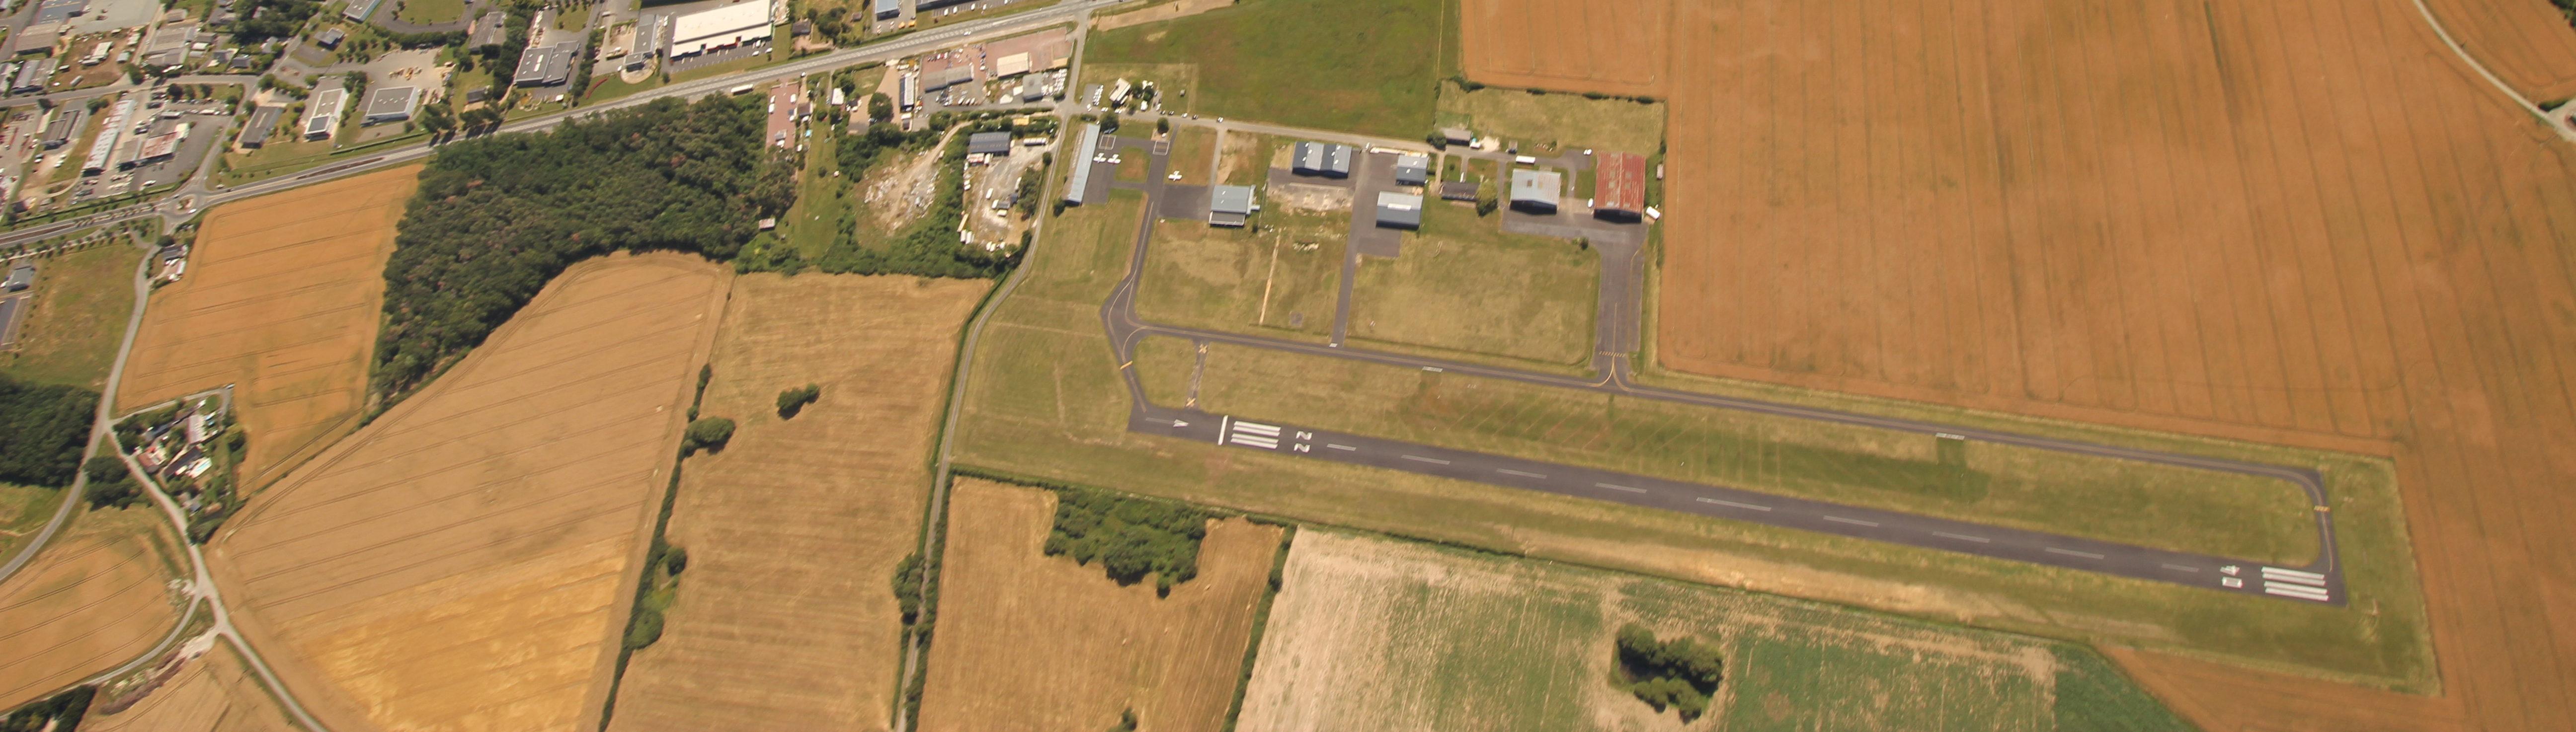 Aérodrome de Sorigny